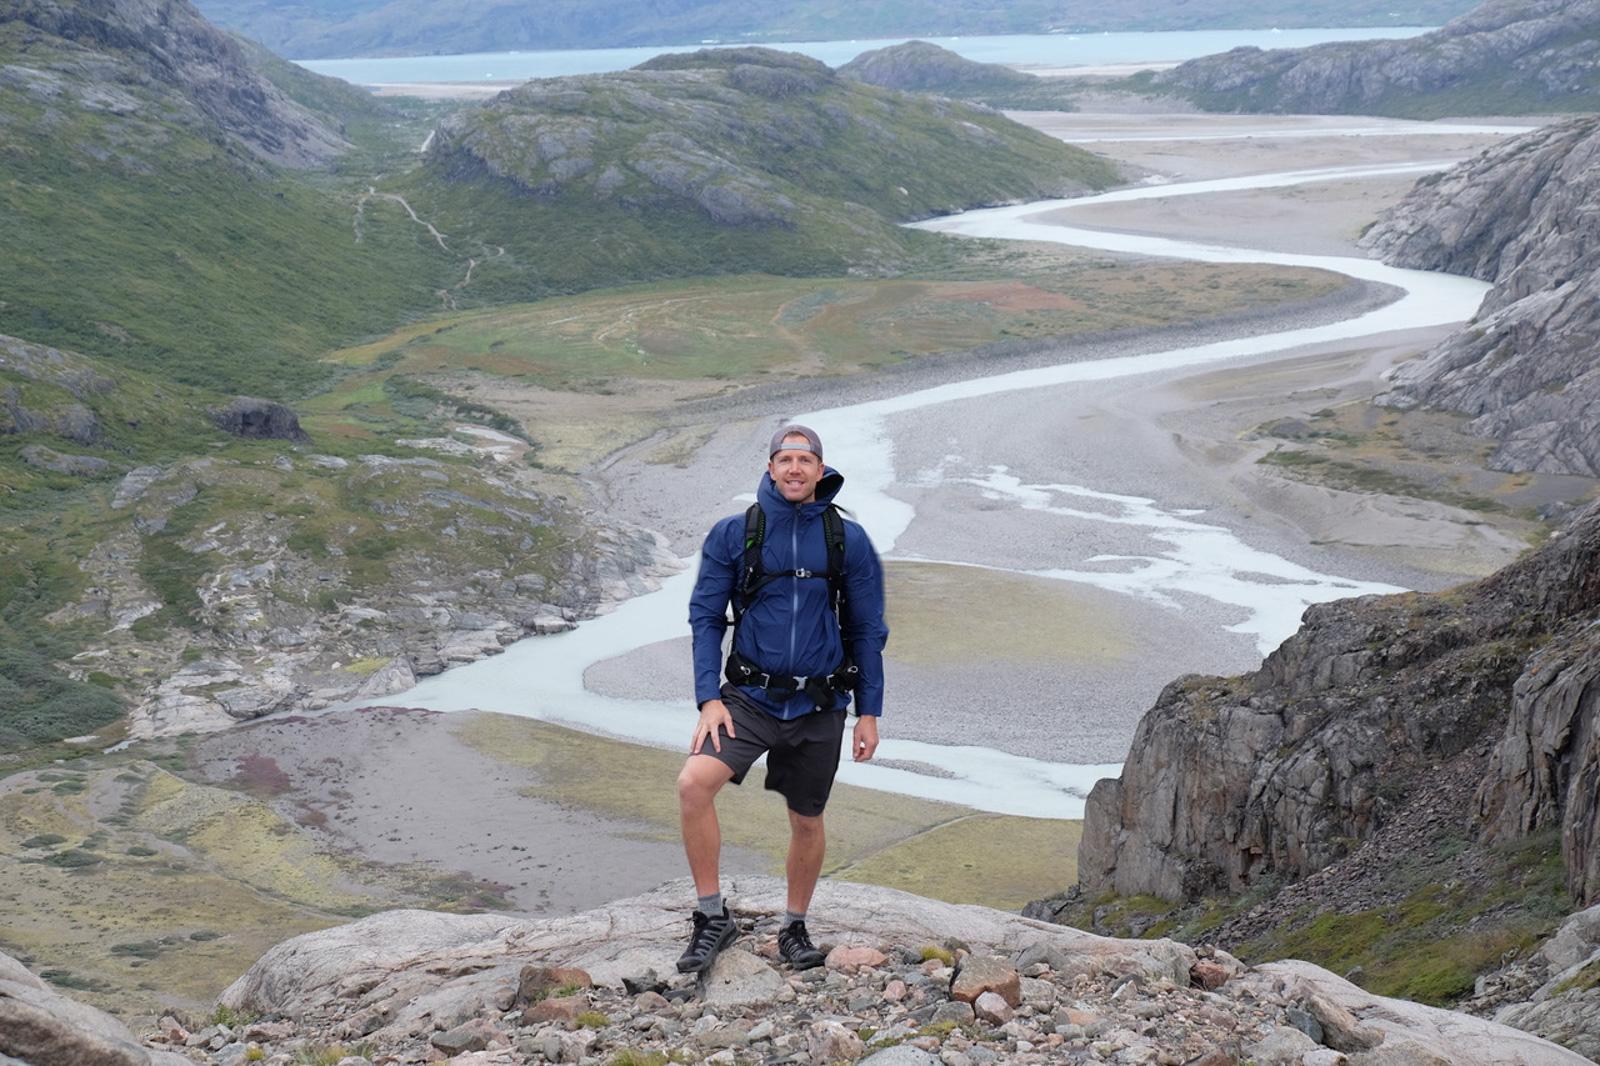 Max Foster in Narsarsuaq Greenland